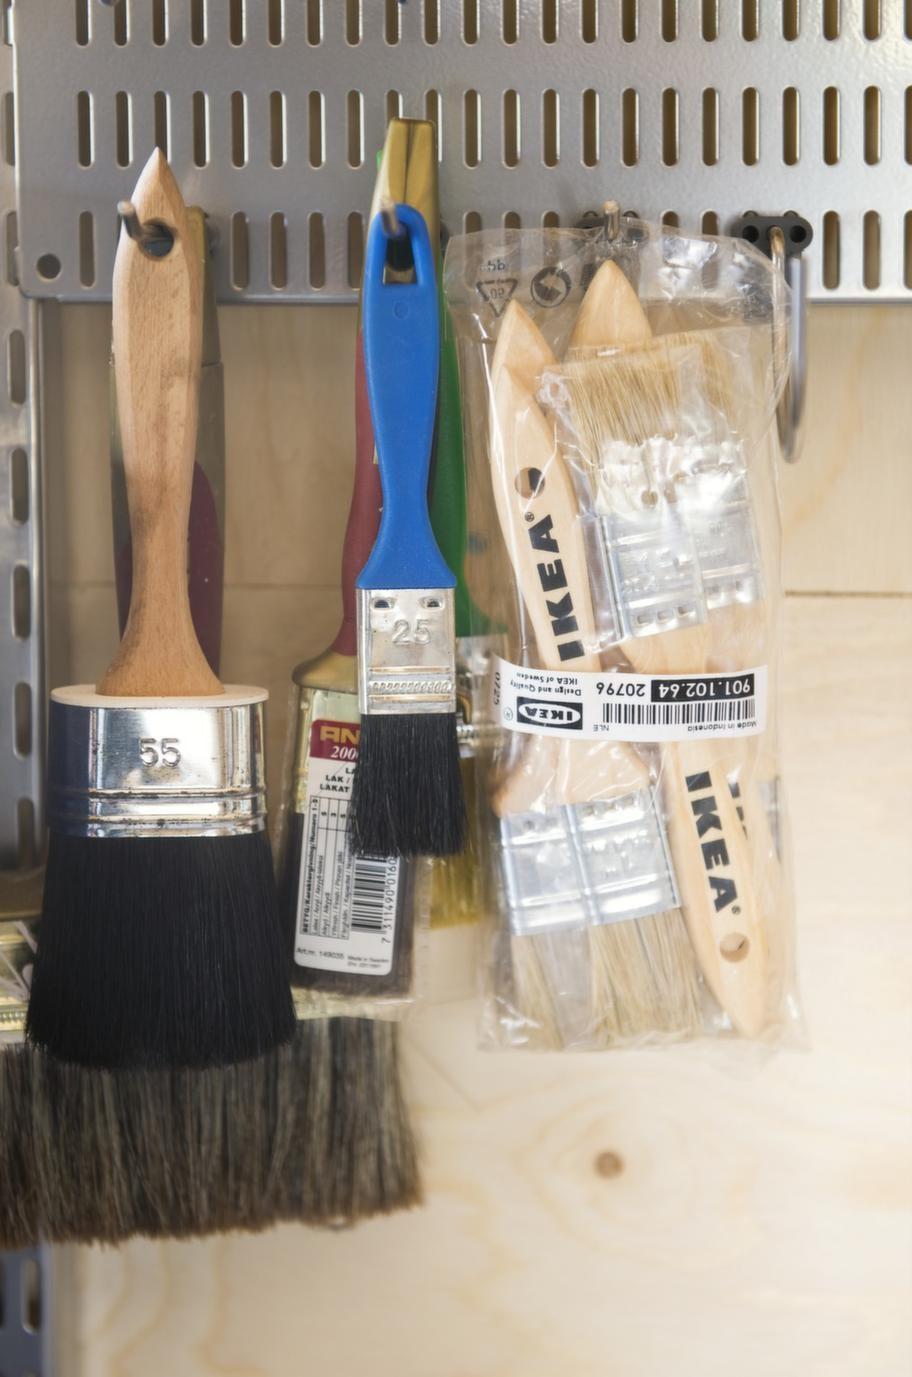 ORDNING & REDAUtnyttja väggarna maximalt. Det är då det blir ordning. Smått och gott, sladdar och annat småfix är sorterat i stora och små plastlådor.